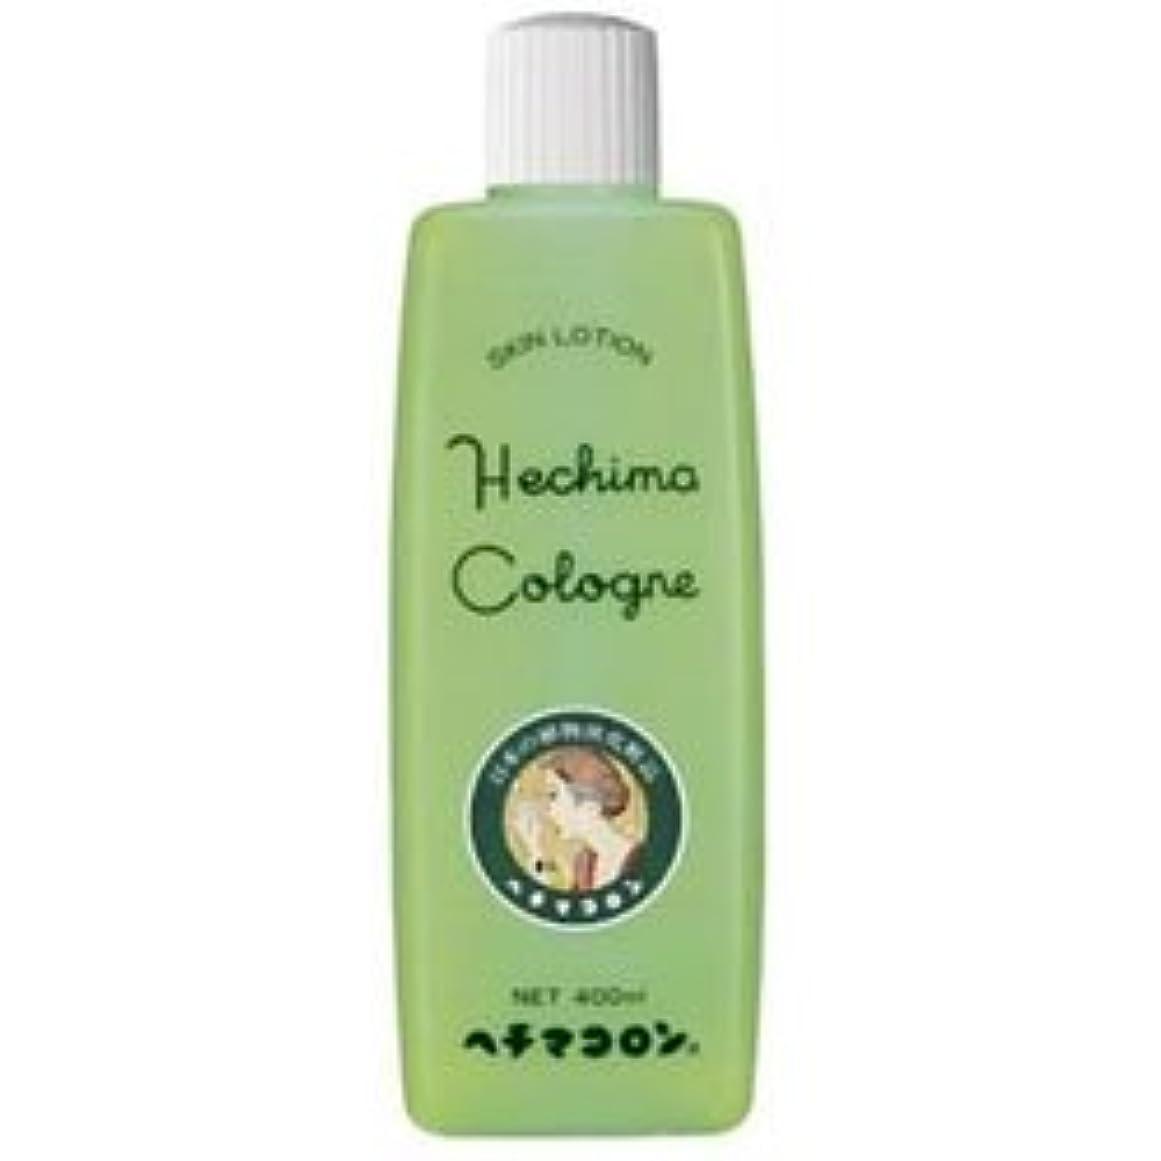 追加する特別なトラフ【ヘチマコロン】ヘチマコロンの化粧水 400ml ×20個セット